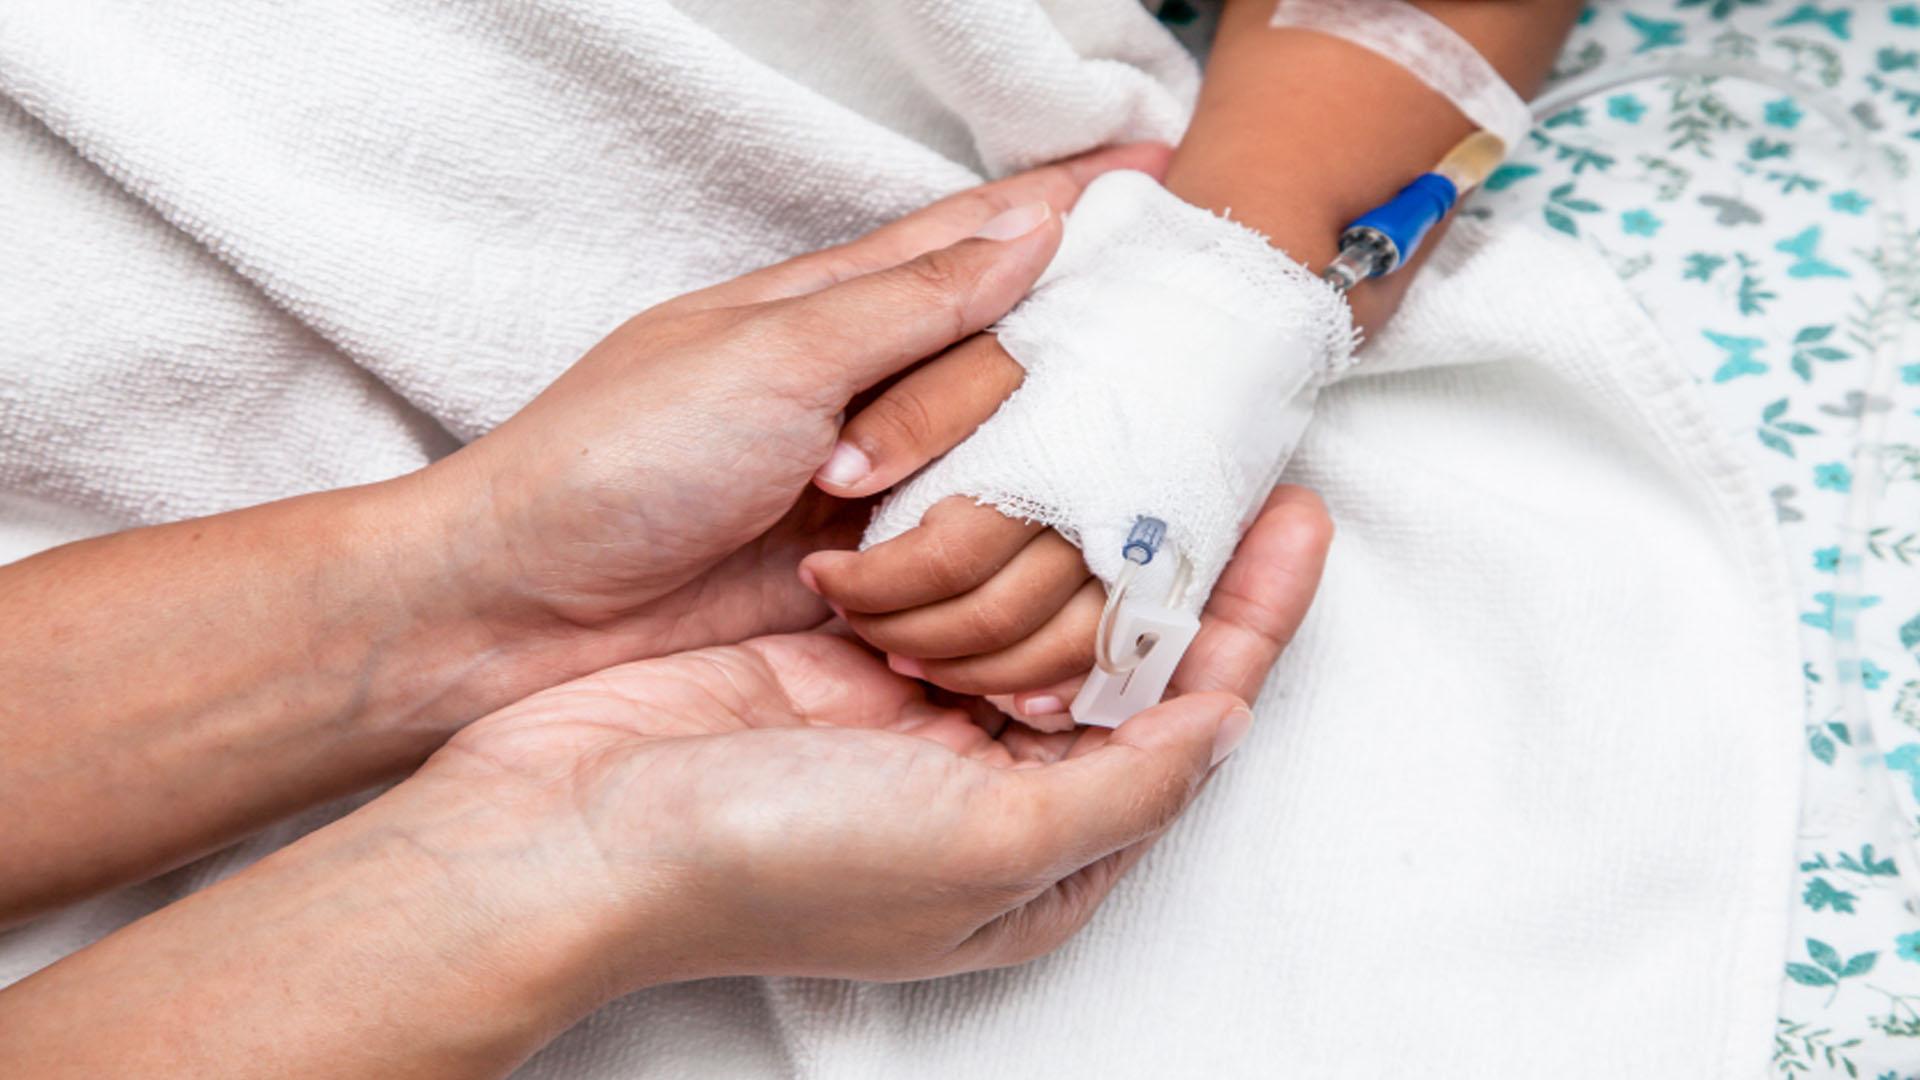 En aumento el número de niños hospitalizados en NY por síndrome ligado al covid-19